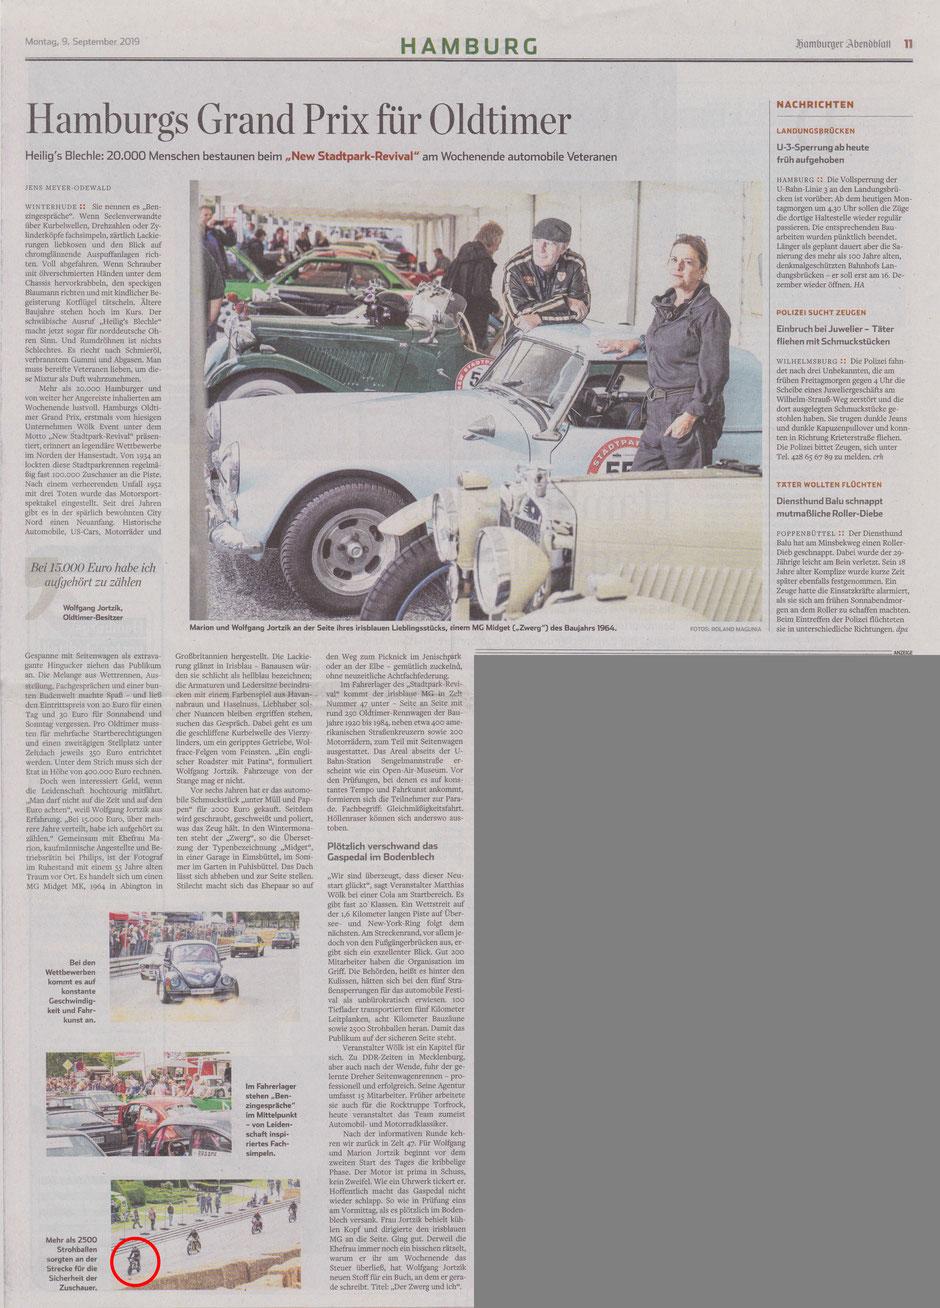 Hamburger Abendblatt Motorevival 2019